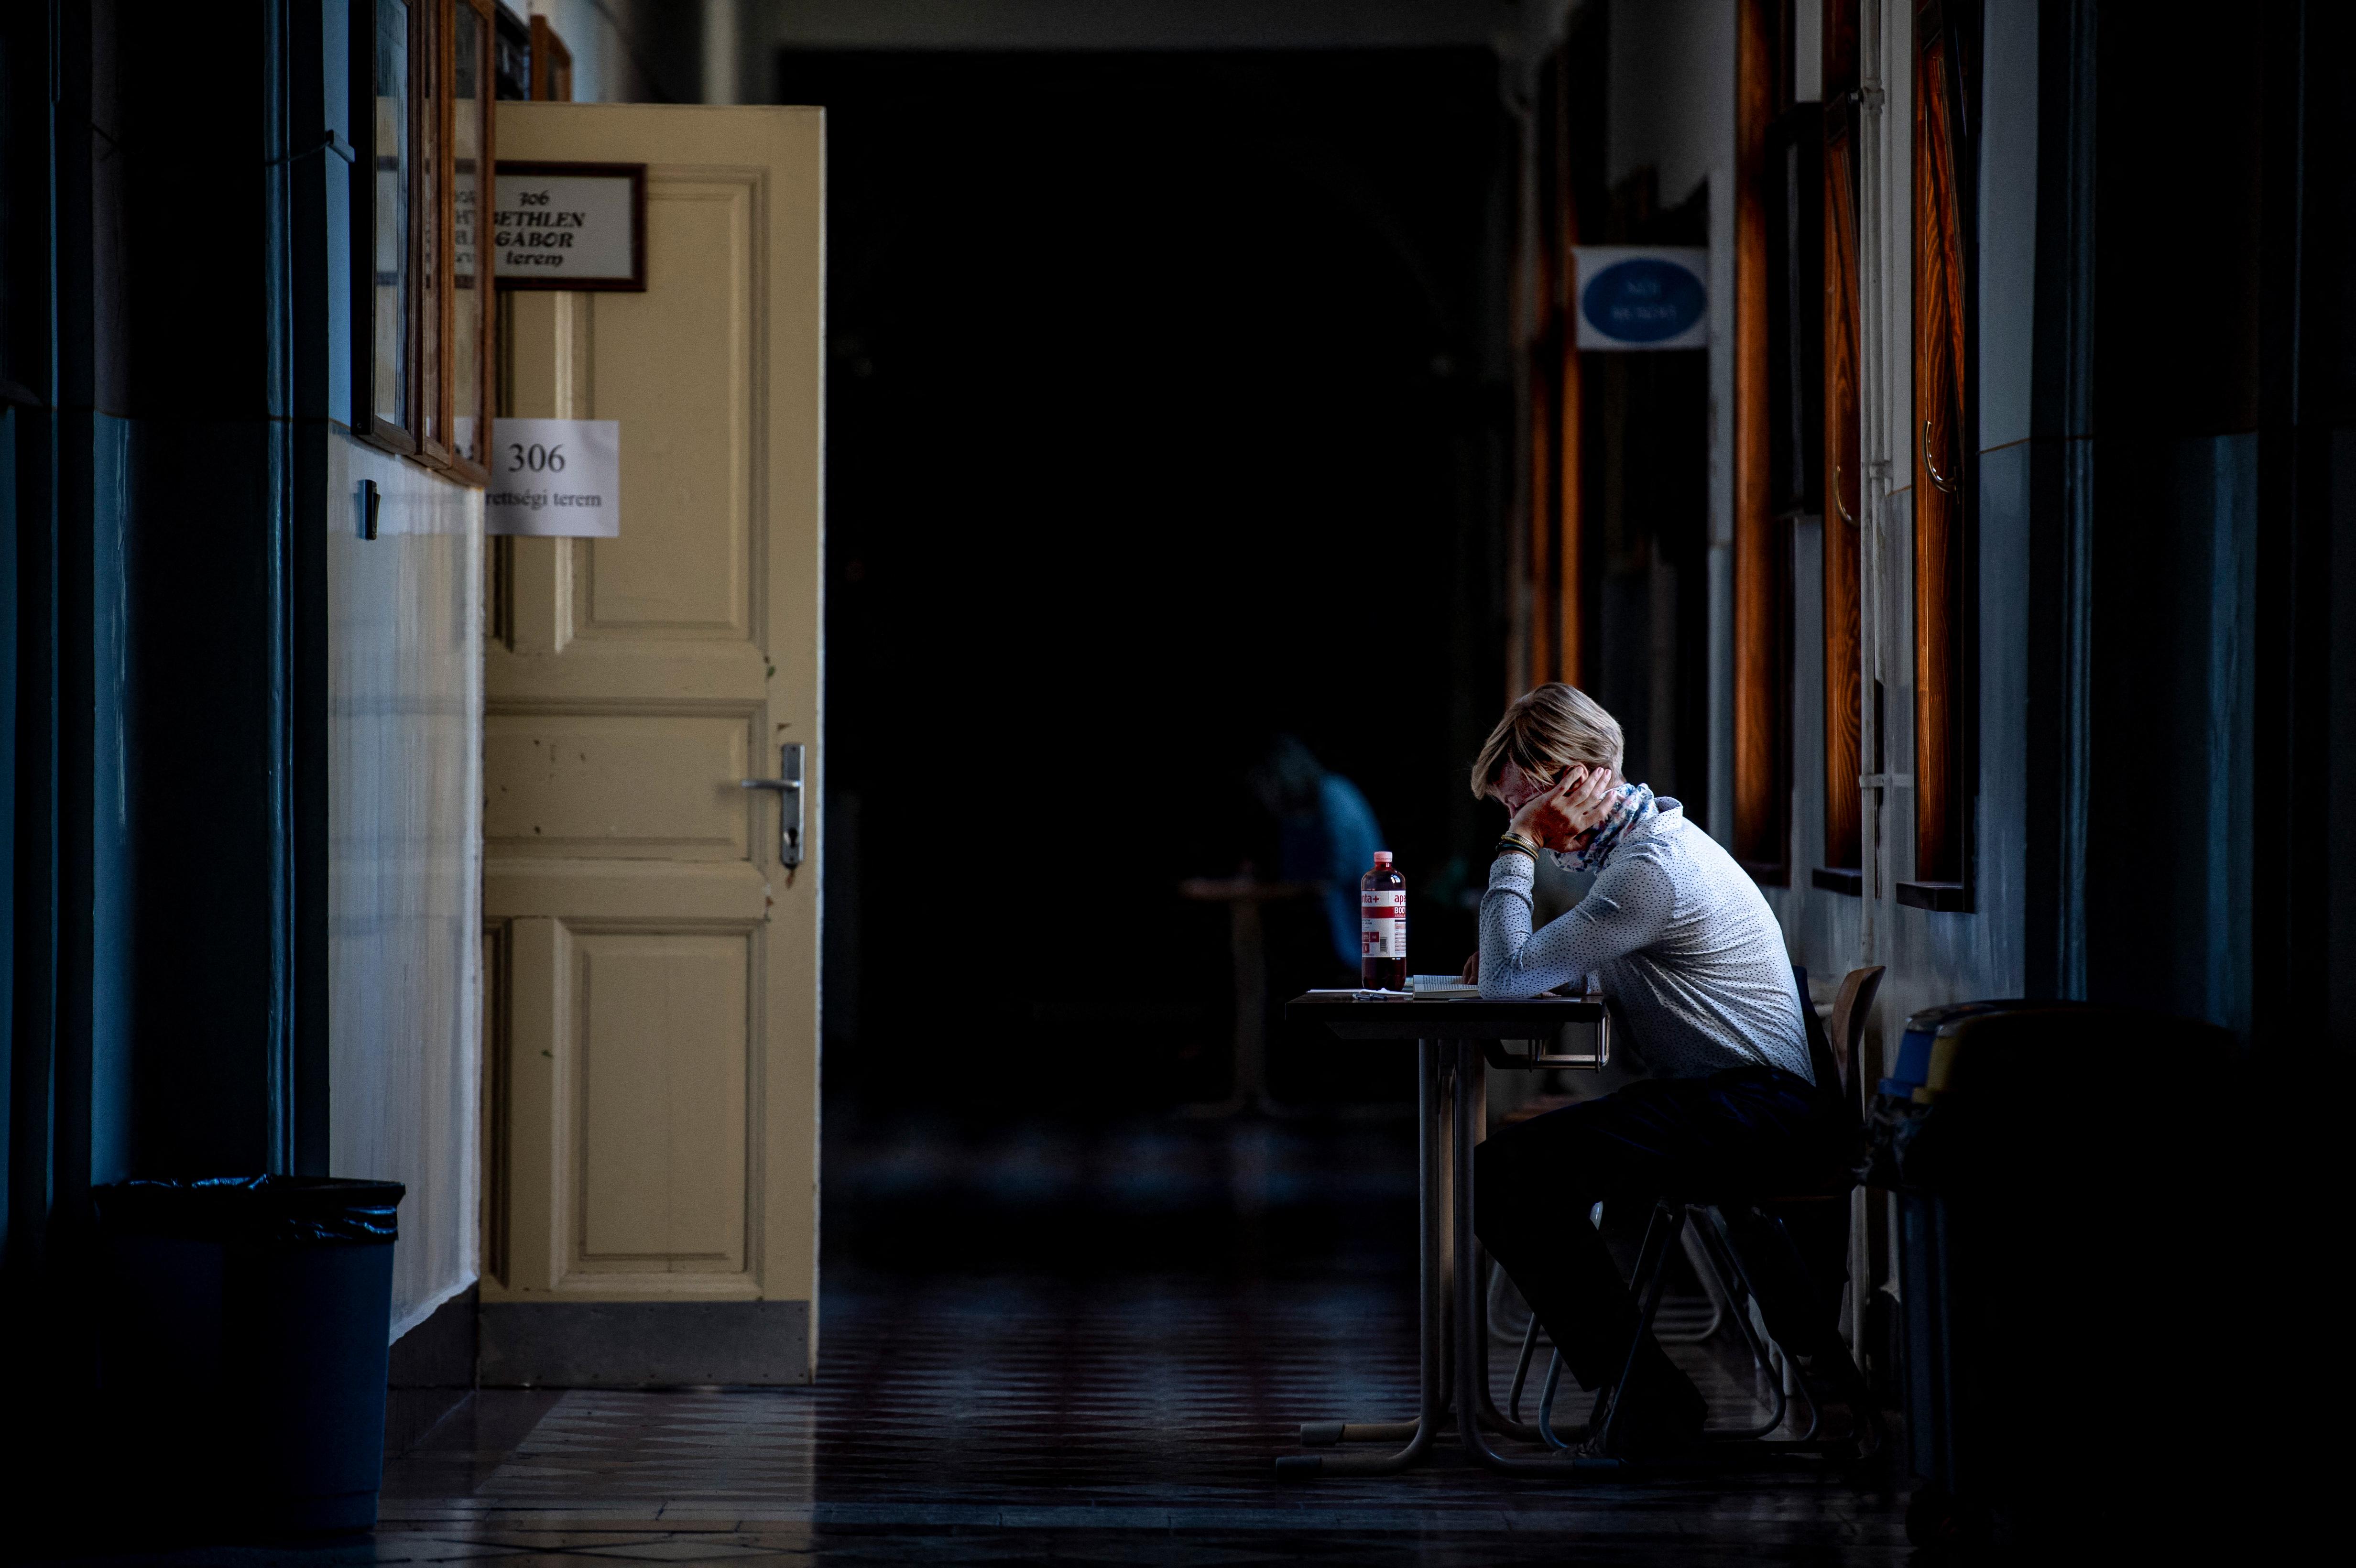 Figyelemzavarokkal, alvásproblémákkal és motiválatlansággal küzdenek a magyar gyerekek a járvány hozadékaként